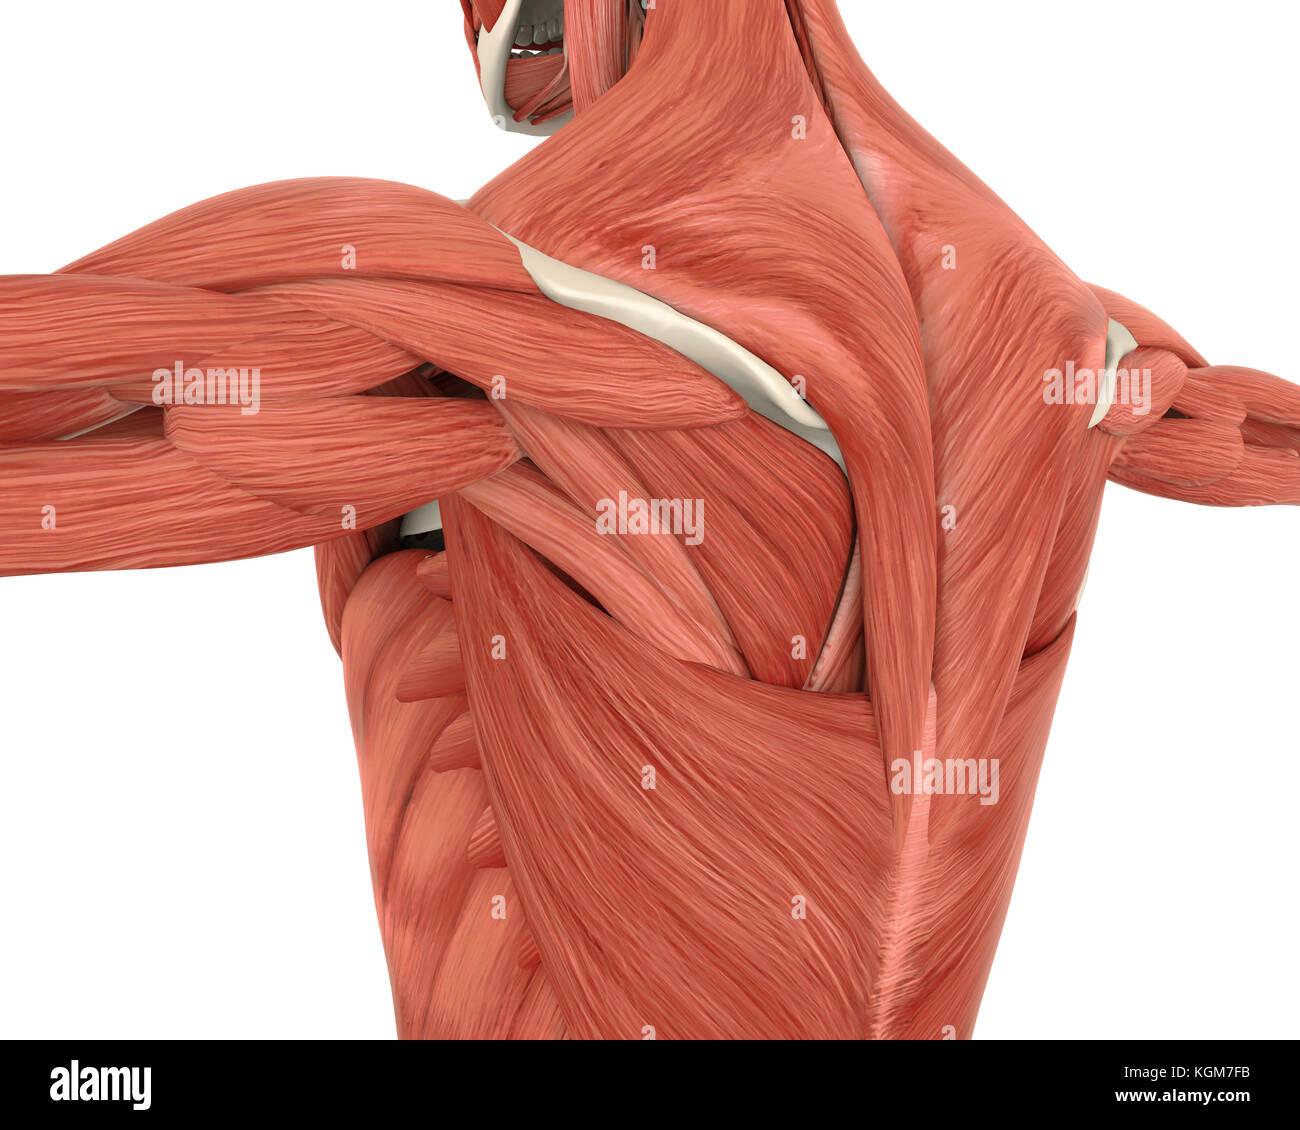 Rückenmuskulatur Anatomie Stockfoto, Bild: 165172767 - Alamy